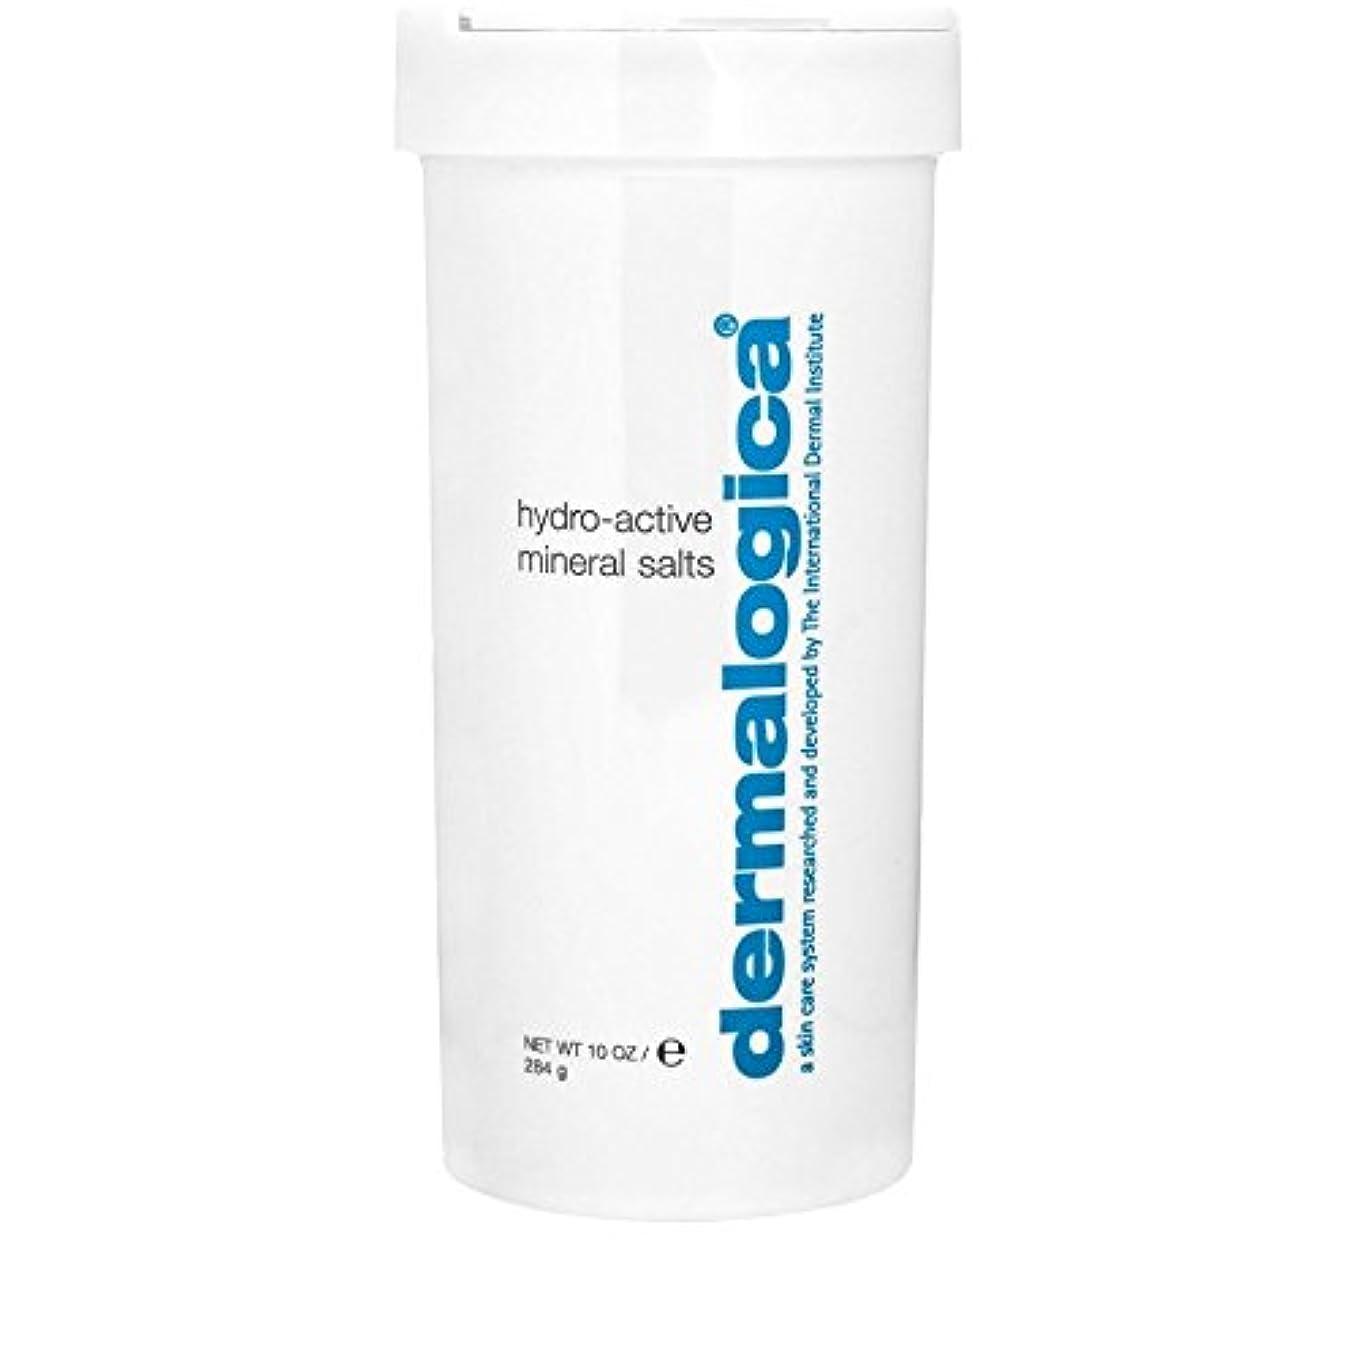 ピッチャー外交問題重要性Dermalogica Hydro Active Mineral Salt 284g - ダーマロジカ水力アクティブミネラル塩284グラム [並行輸入品]